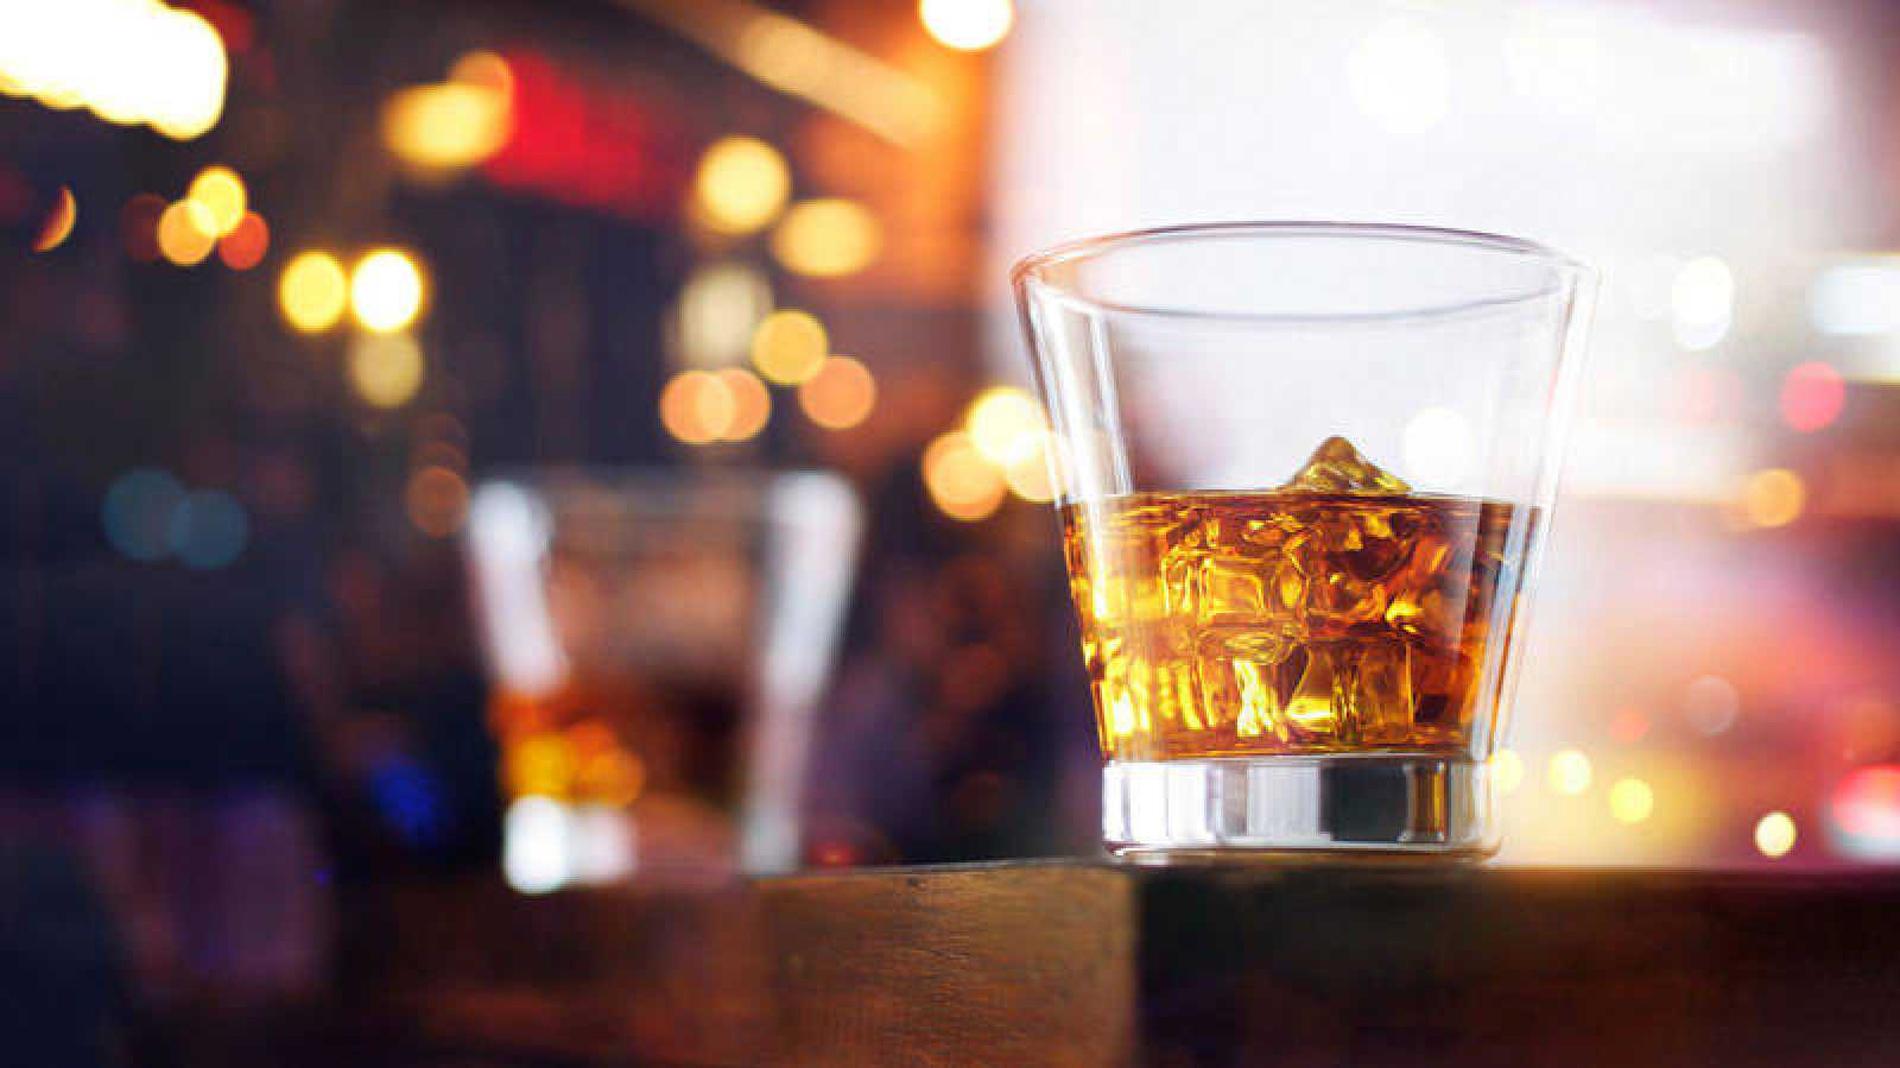 enfermedades relacionadas con el consumo de alcohol y drogas